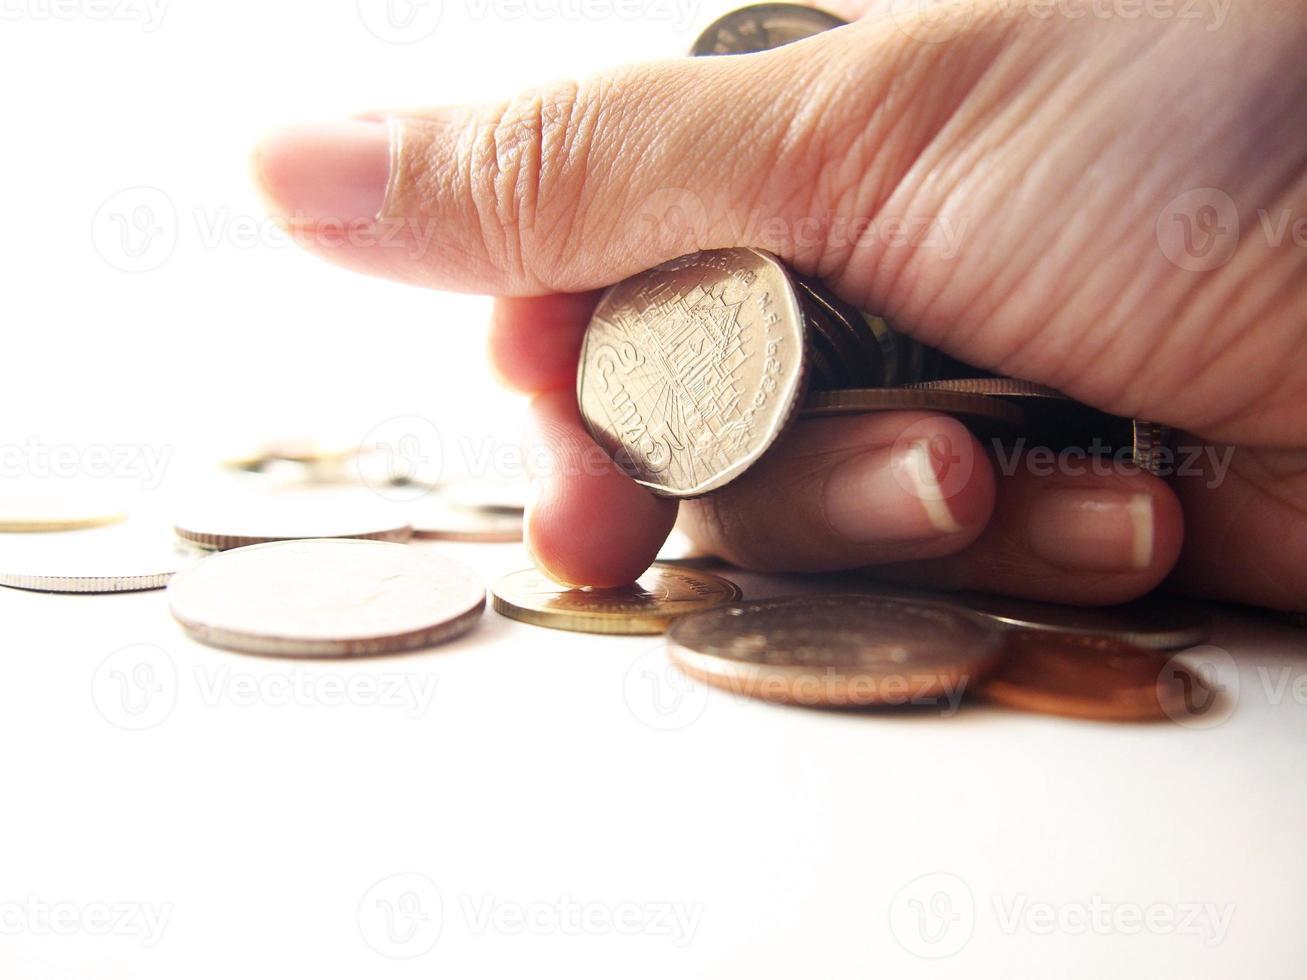 pièces de monnaie en main, une poignée d'argent photo